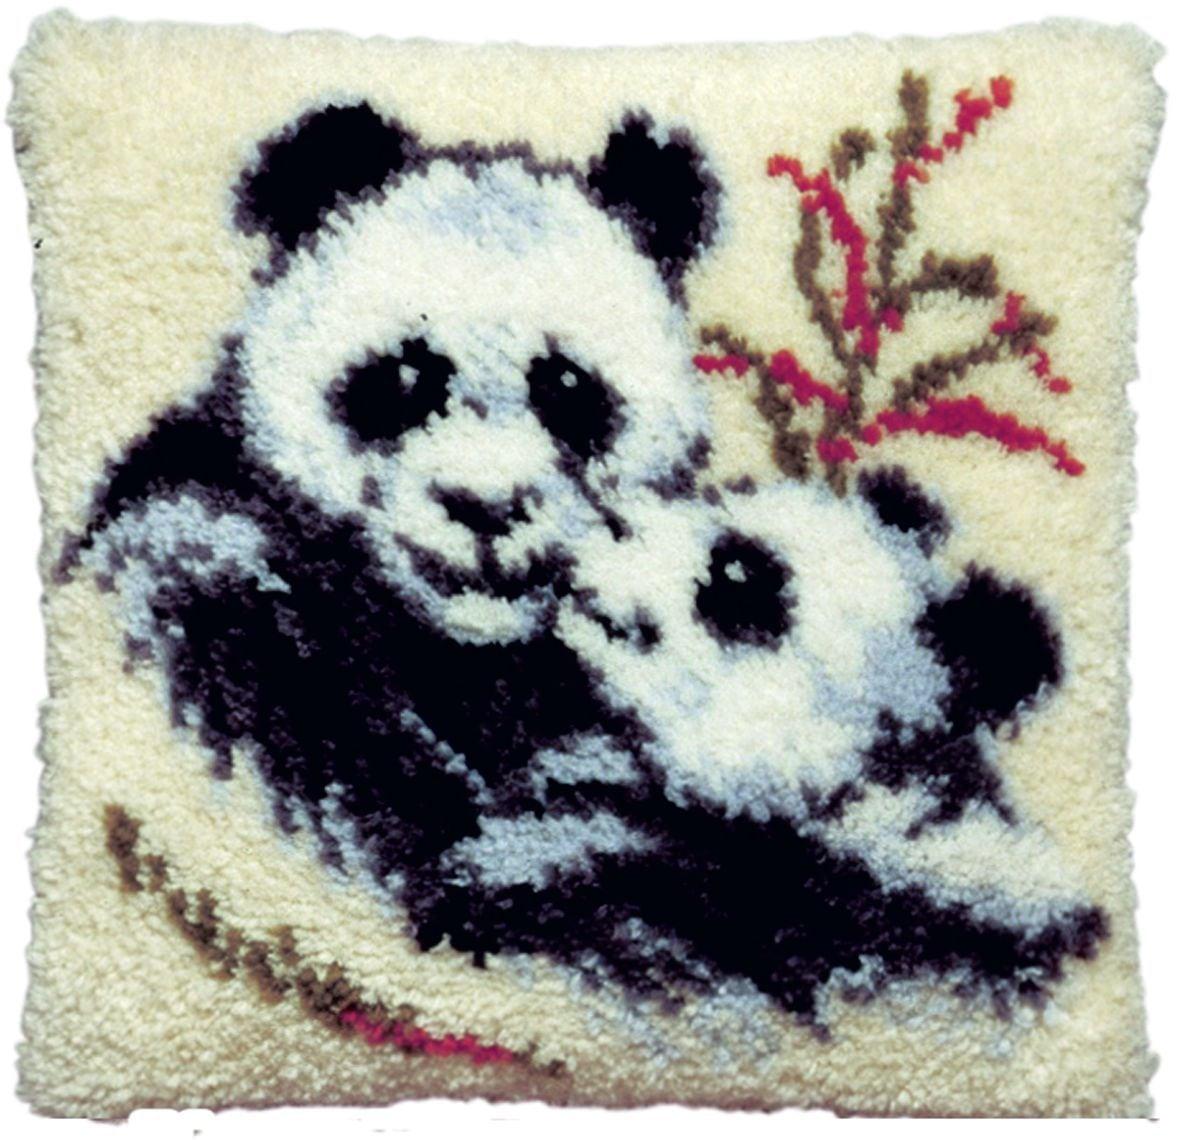 knoopkussen panda met jong